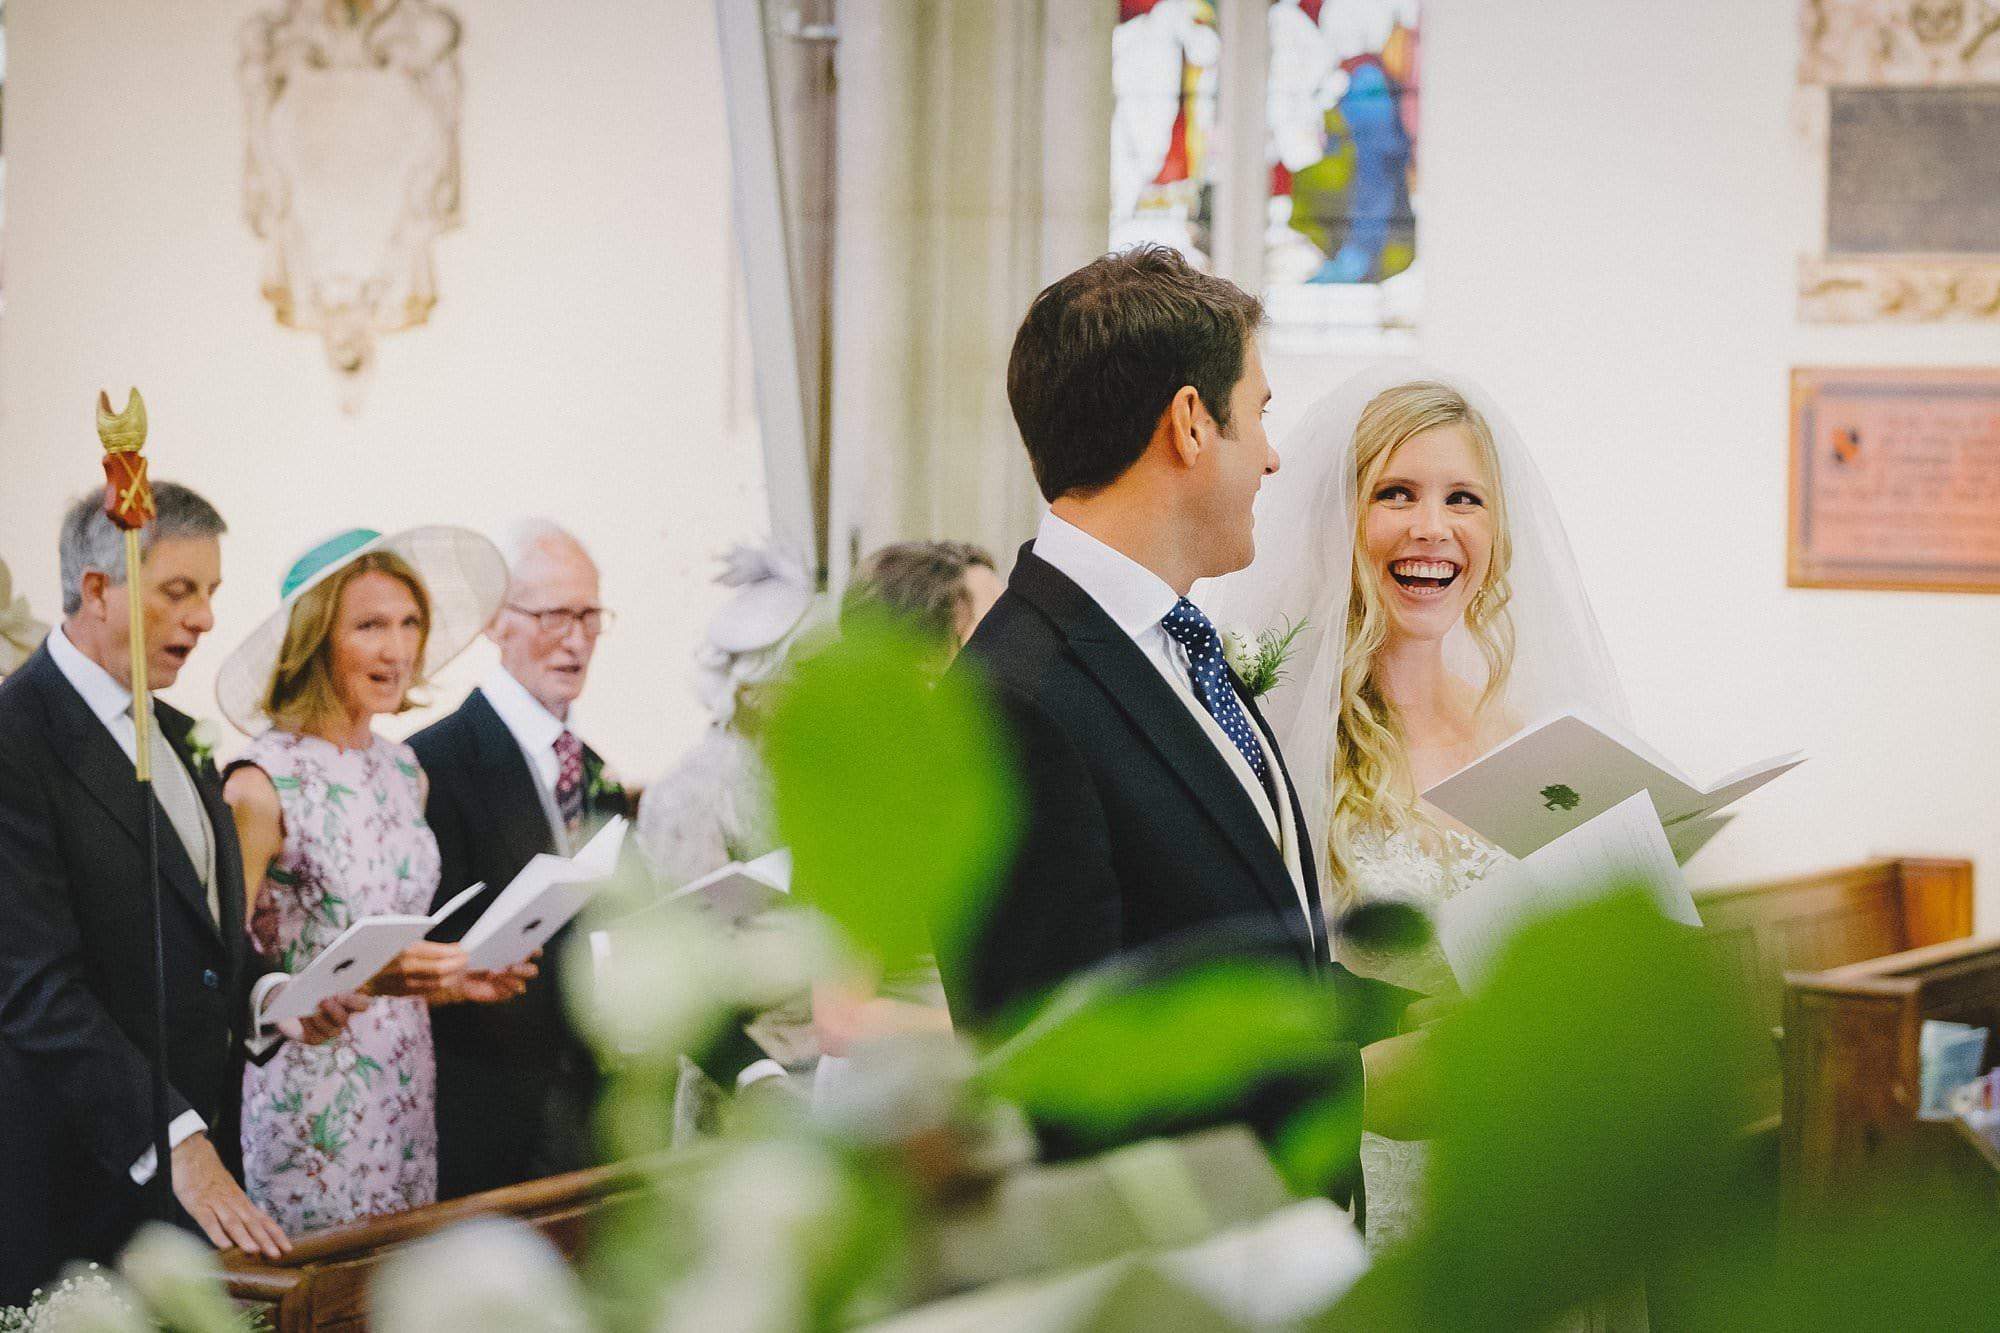 fulham palace wedding photographer 037 - Rosanna & Duncan's Fulham Palace Wedding